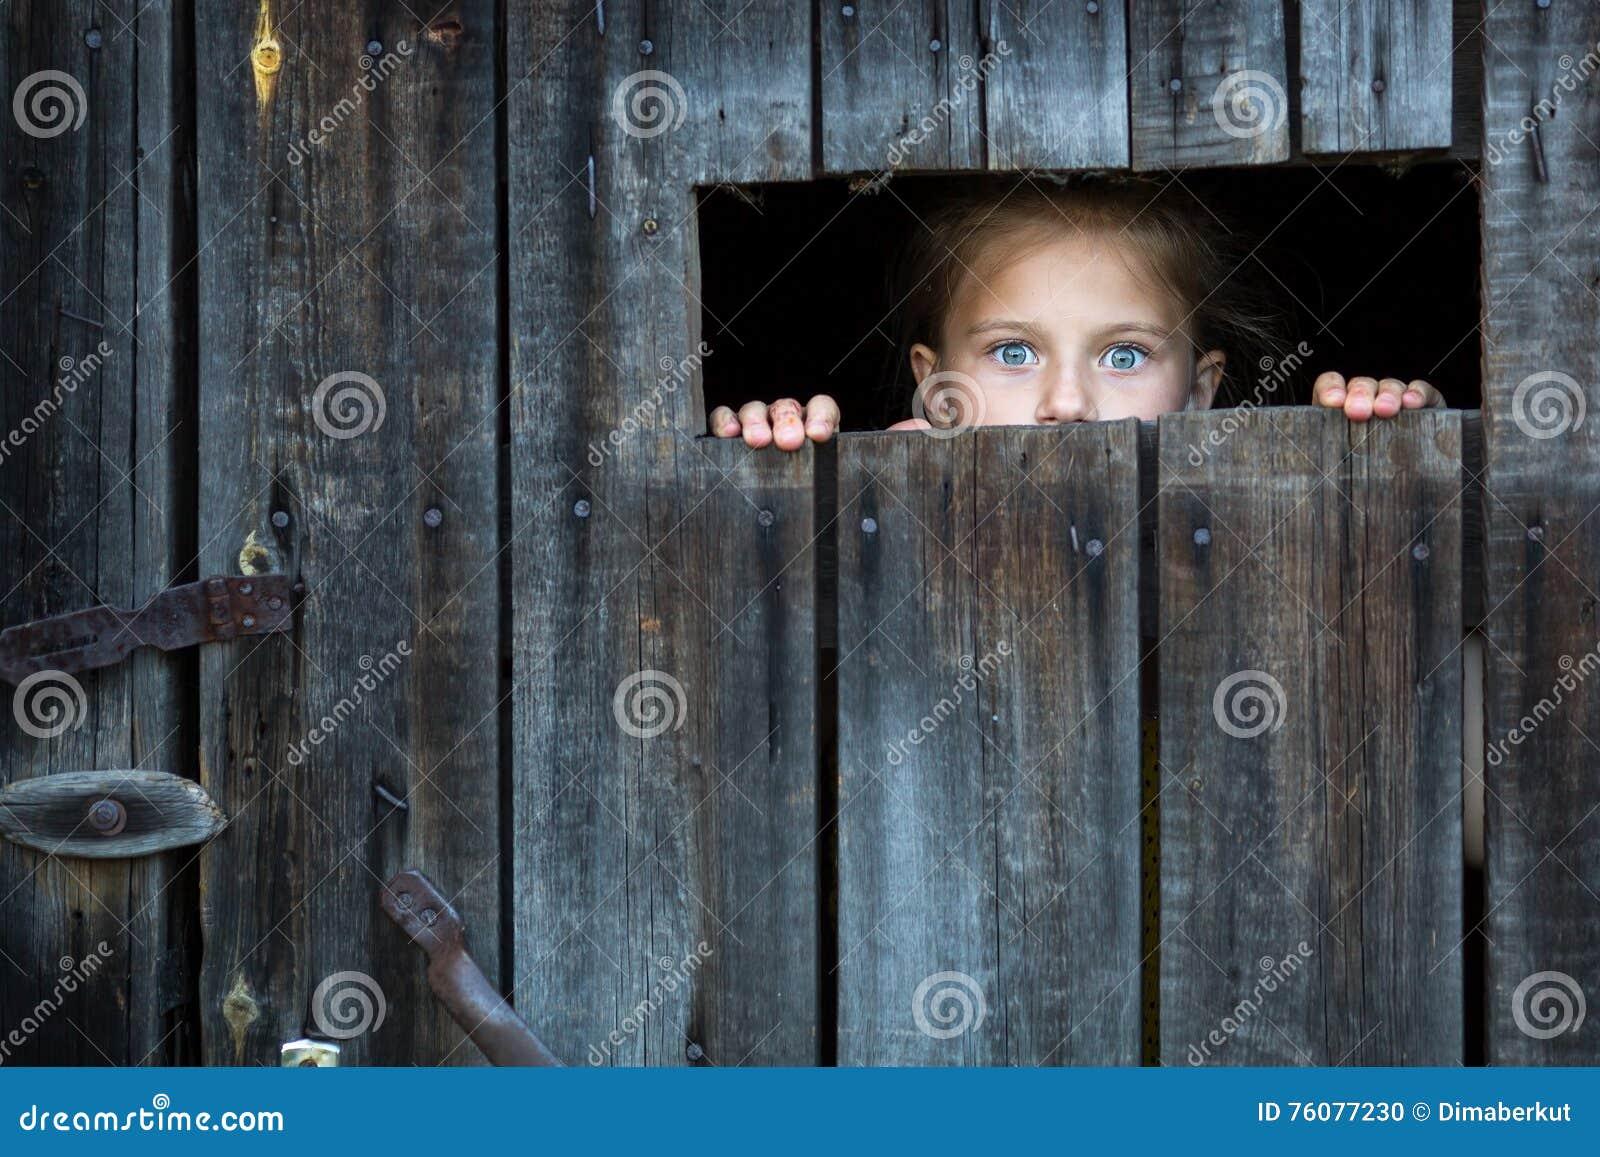 Schloss das Kind schaut besorgt durch den Sprung in der Scheunentür zu schrecken